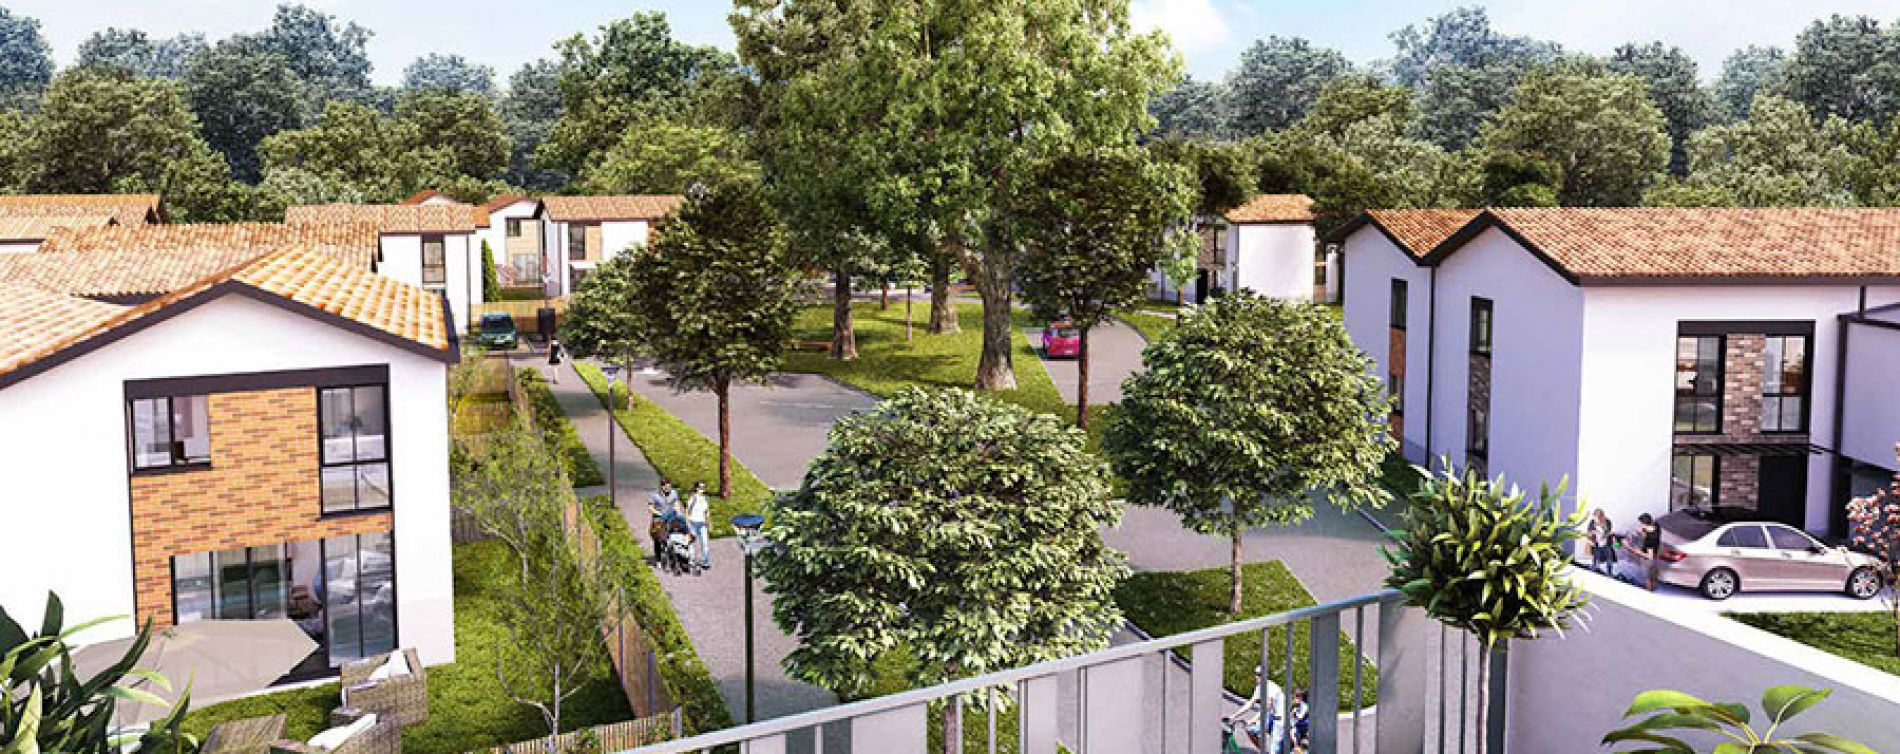 Gradignan : programme immobilier neuve « Domaine de Castéra » (3)